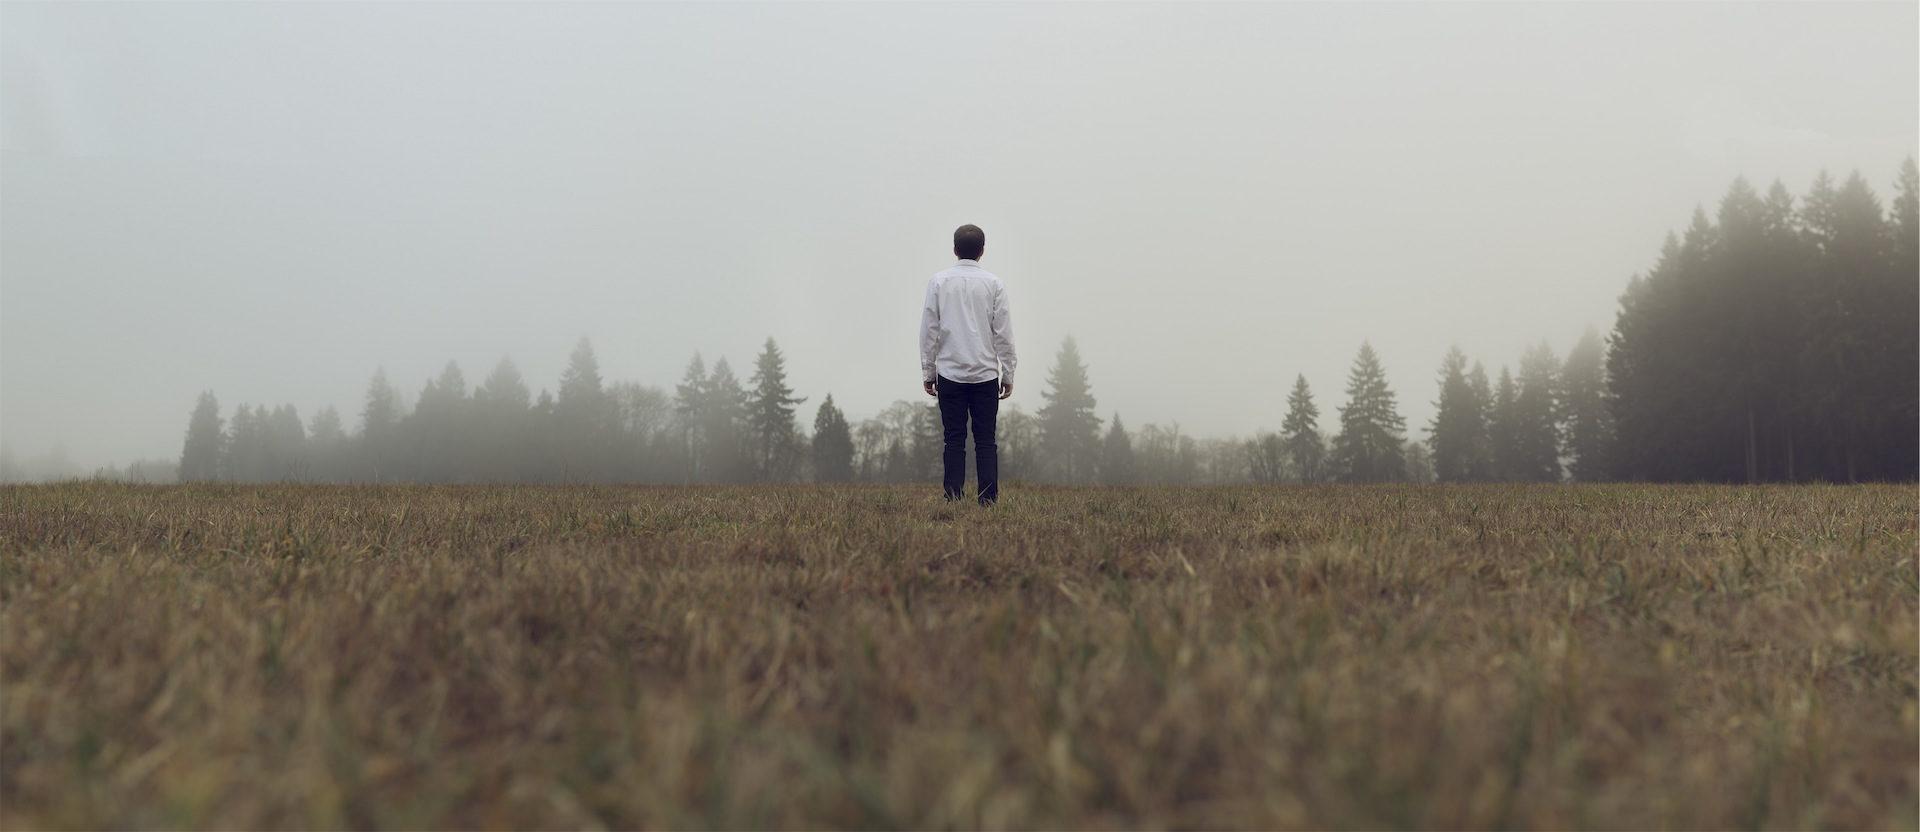 森林, explanada, 男子, 索莱达, 雾 - 高清壁纸 - 教授-falken.com